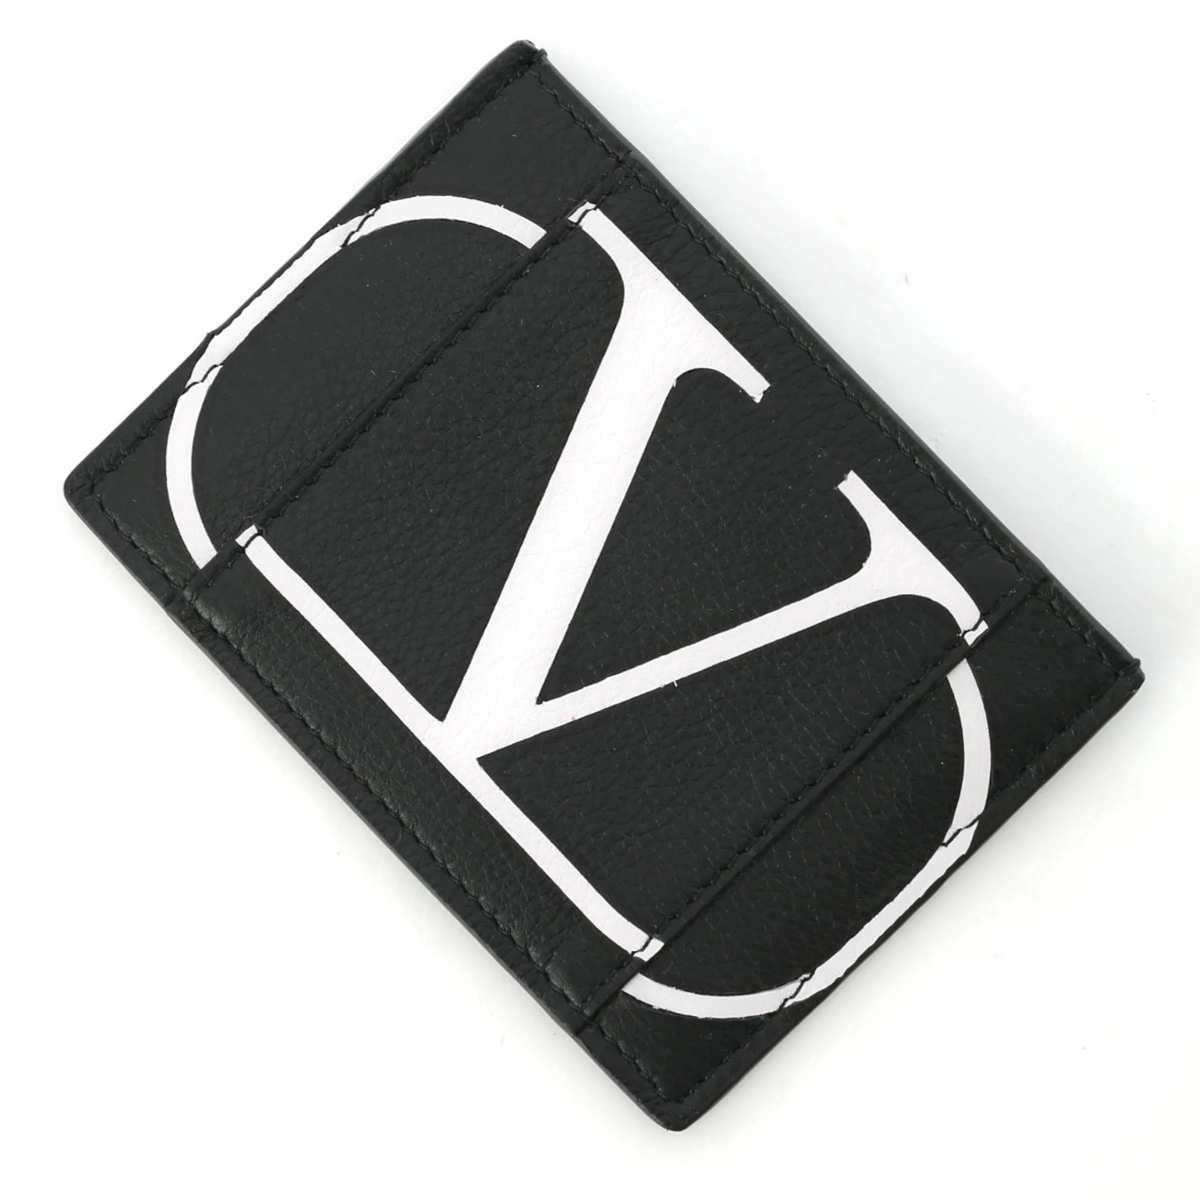 ヴァレンティノガラヴァーニ VALENTINO GARAVANI カードケース ブラック メンズ sy2p0655pcr ner【あす楽対応_関東】【返品送料無料】【ラッピング無料】